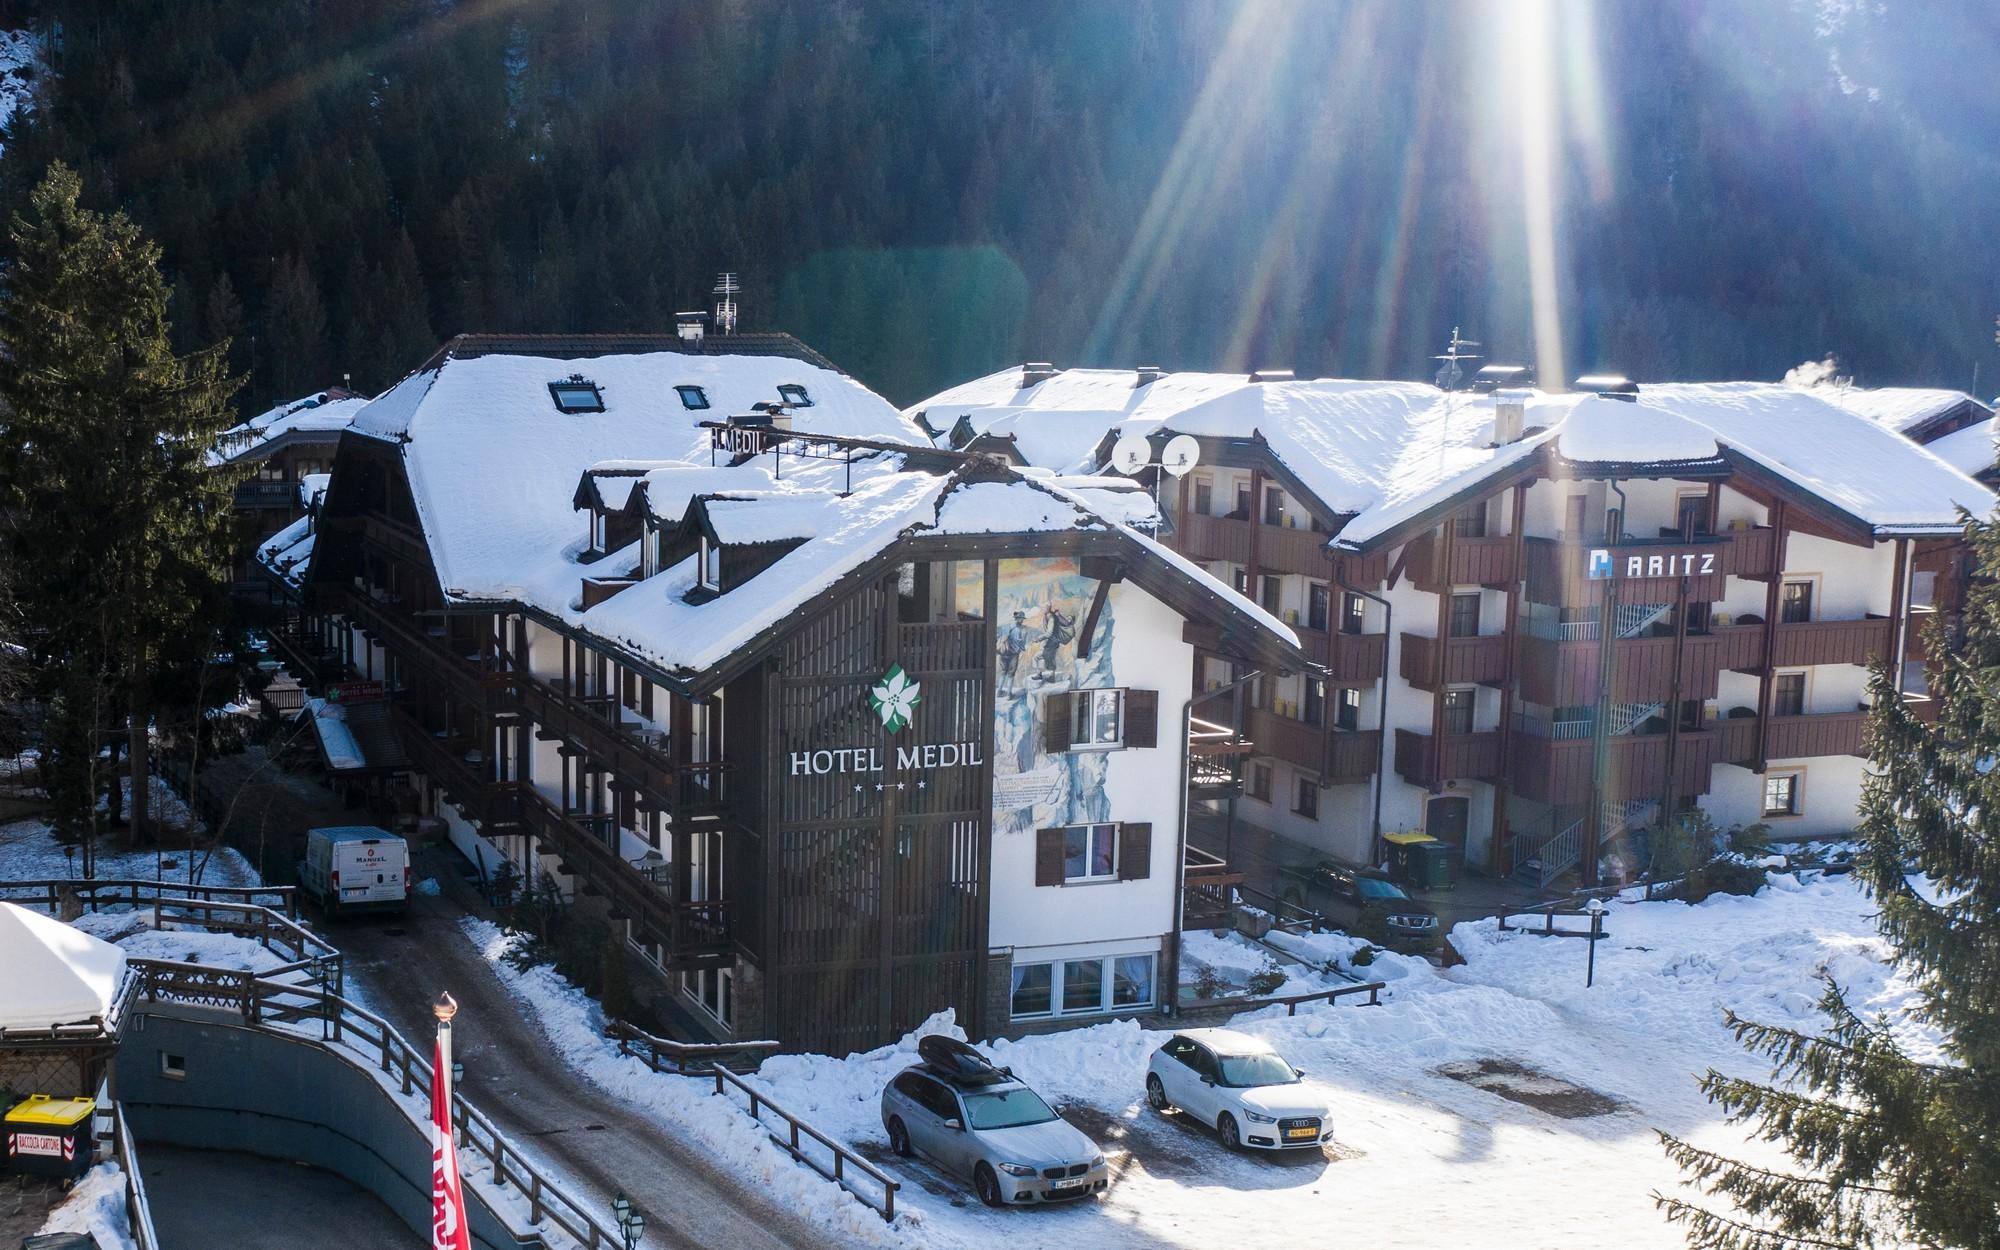 Hotel Medil ****